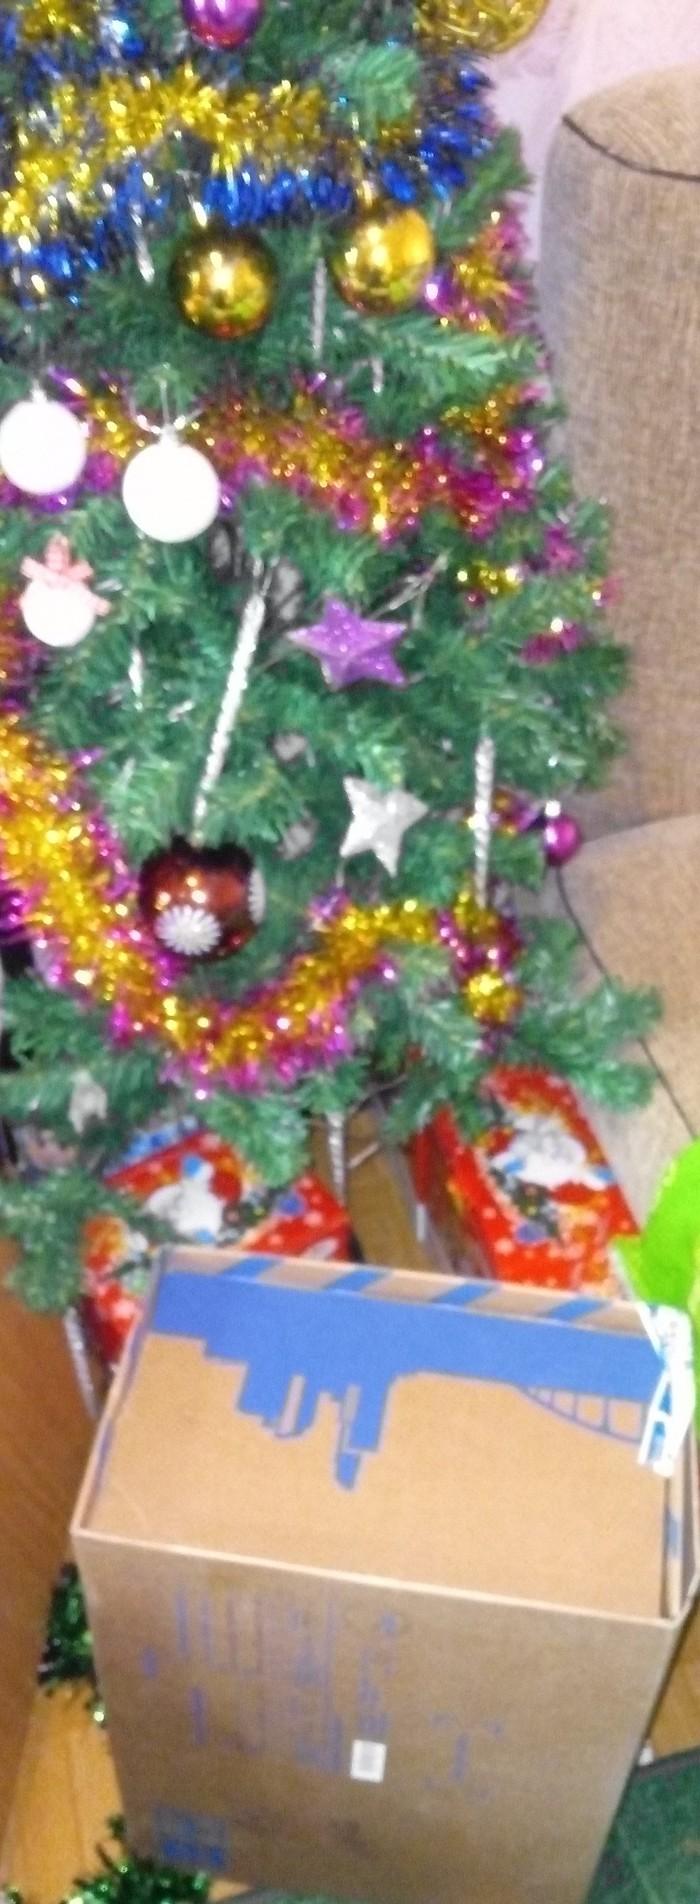 Отчёт АДМ - возобновления вера в чудеса (подарок от альтруиста) Новогодний обмен подарками, Обмен подарками, Длиннопост, Отчет по обмену подарками